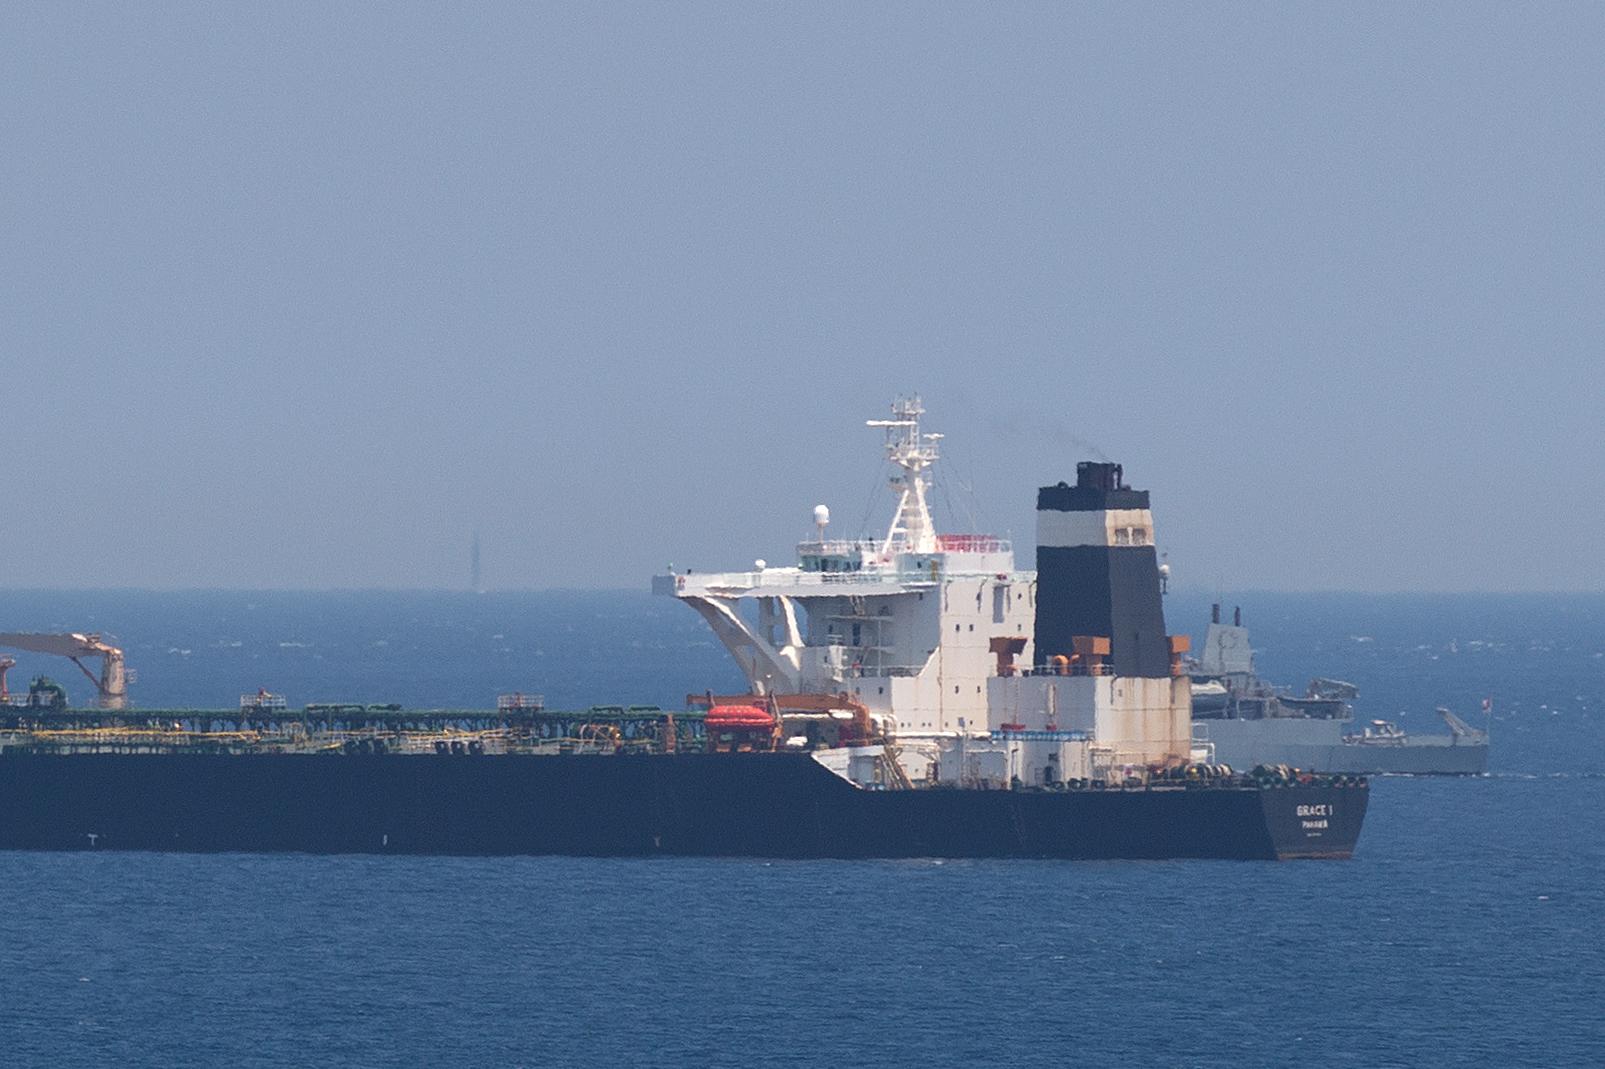 圖為超大型油輪,跟本文無關。(JORGE GUERRERO/AFP)